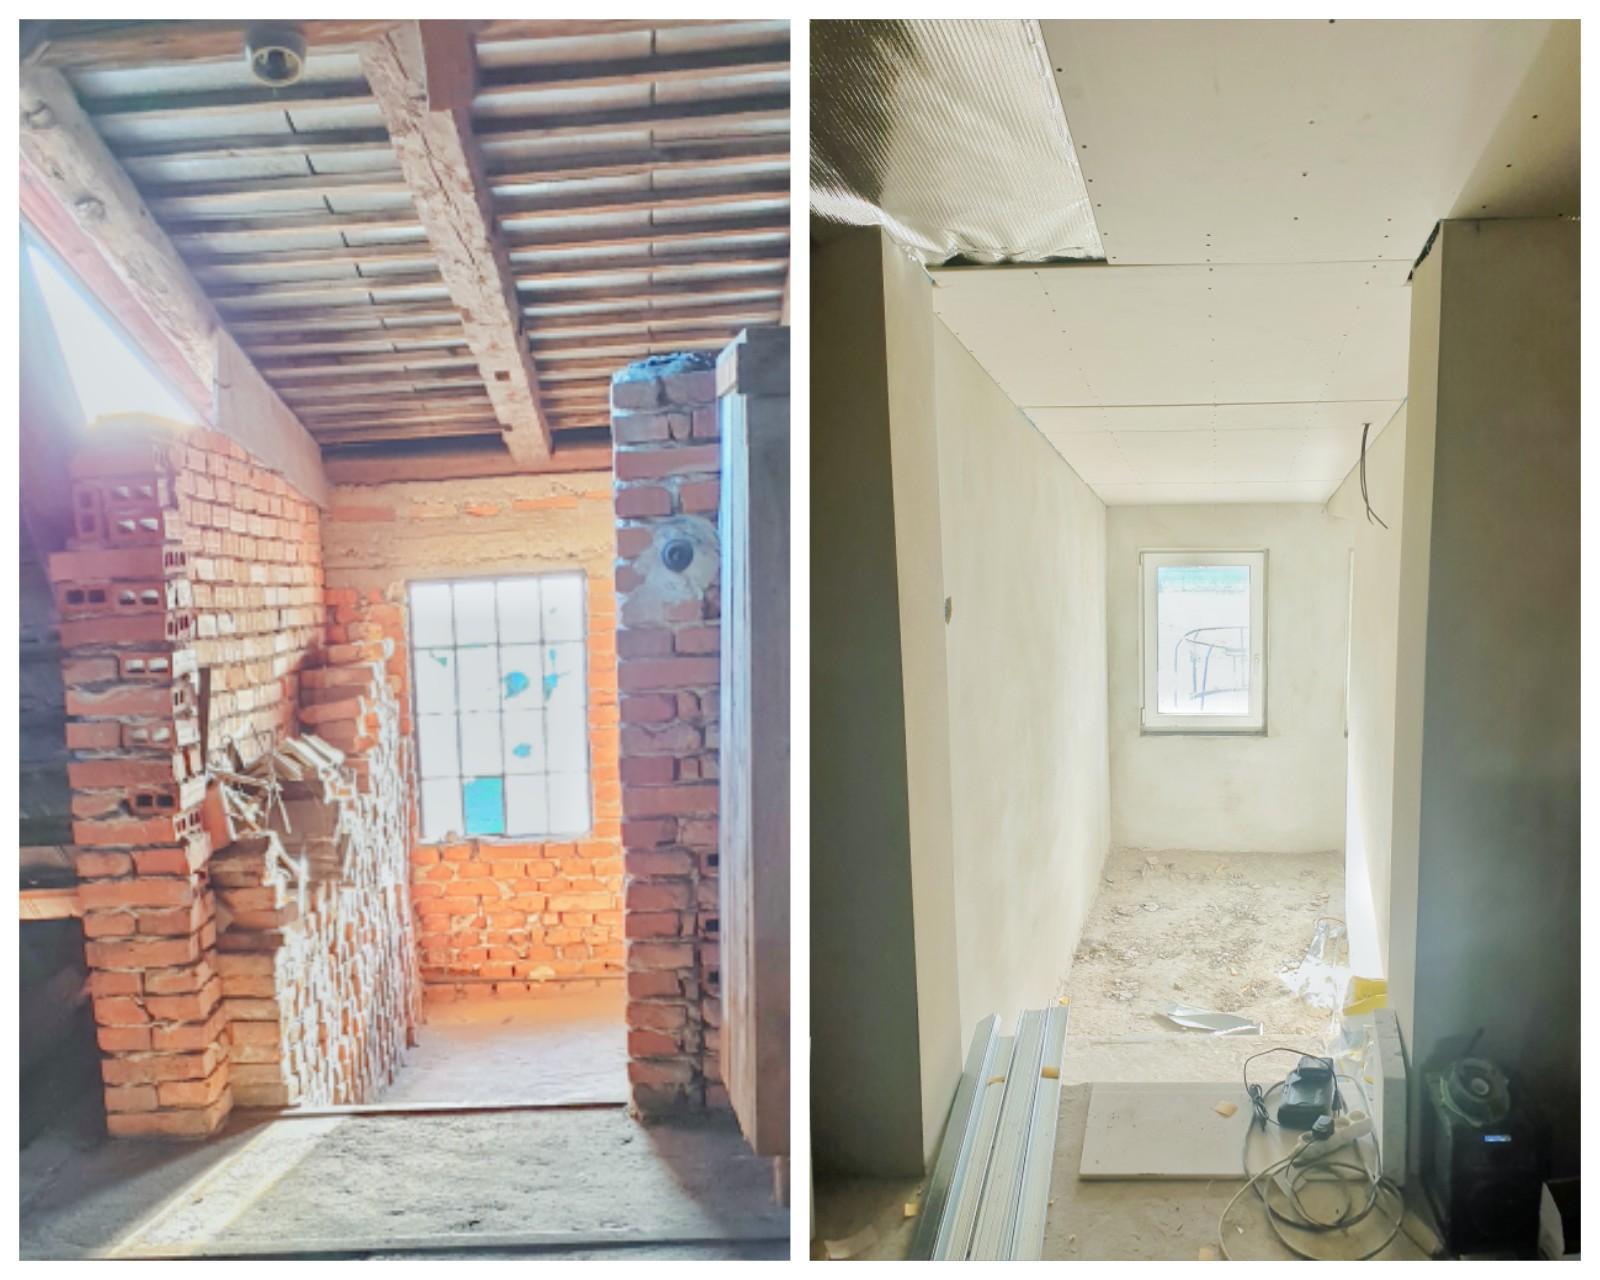 Rekonštrukcia domu-alebo chceme si splniť sen =》🏠🌻🌼🐶  mat domcek a vratit sa na Slovensko - Obrázok č. 625